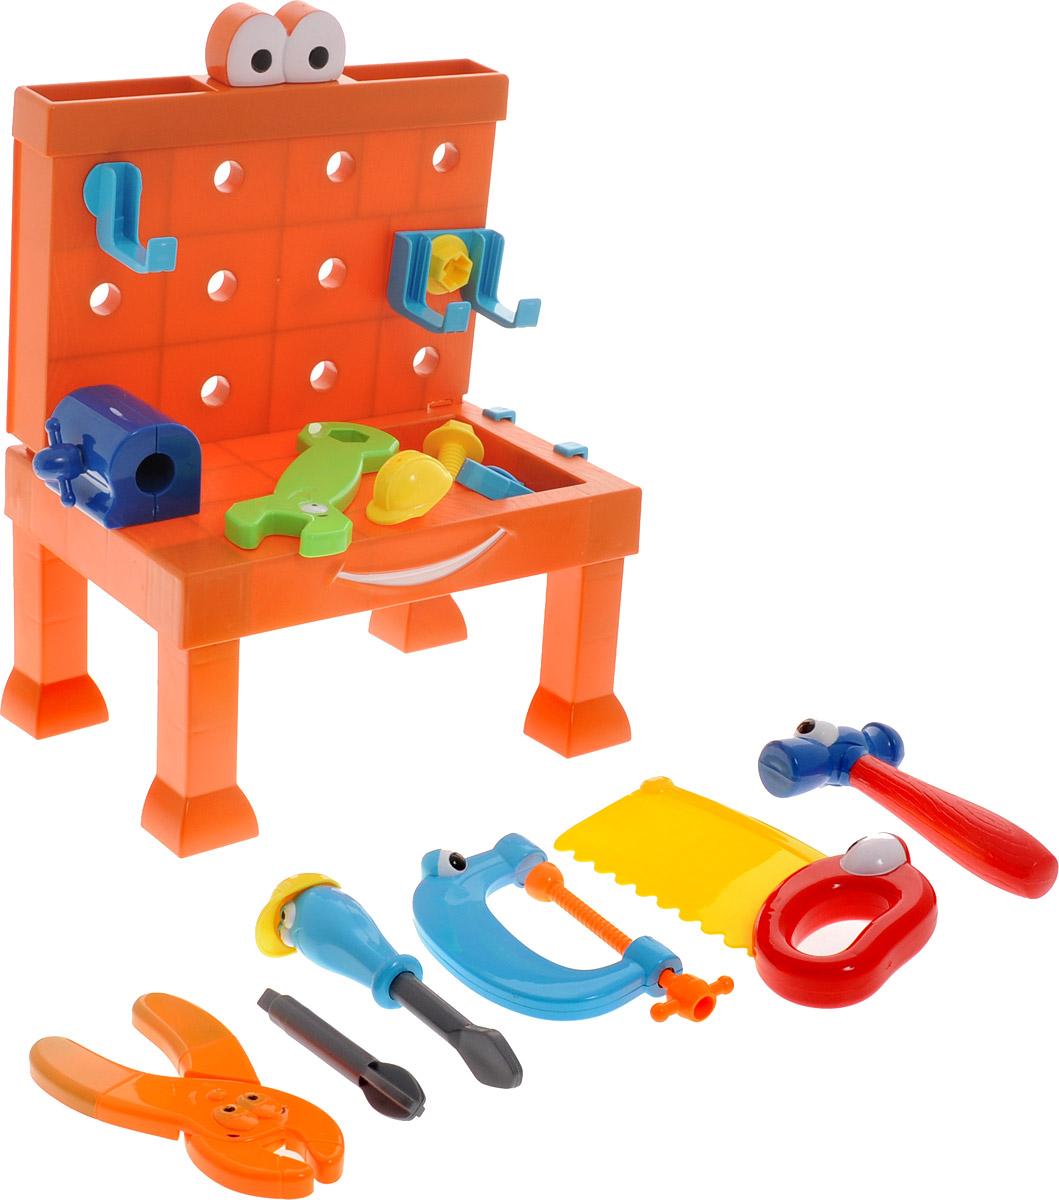 Boley Игровой набор Мастерская с рабочим столом пилой и гаечным ключом аксессуары для кукол boley игрушка boley корона серия холодное сердце